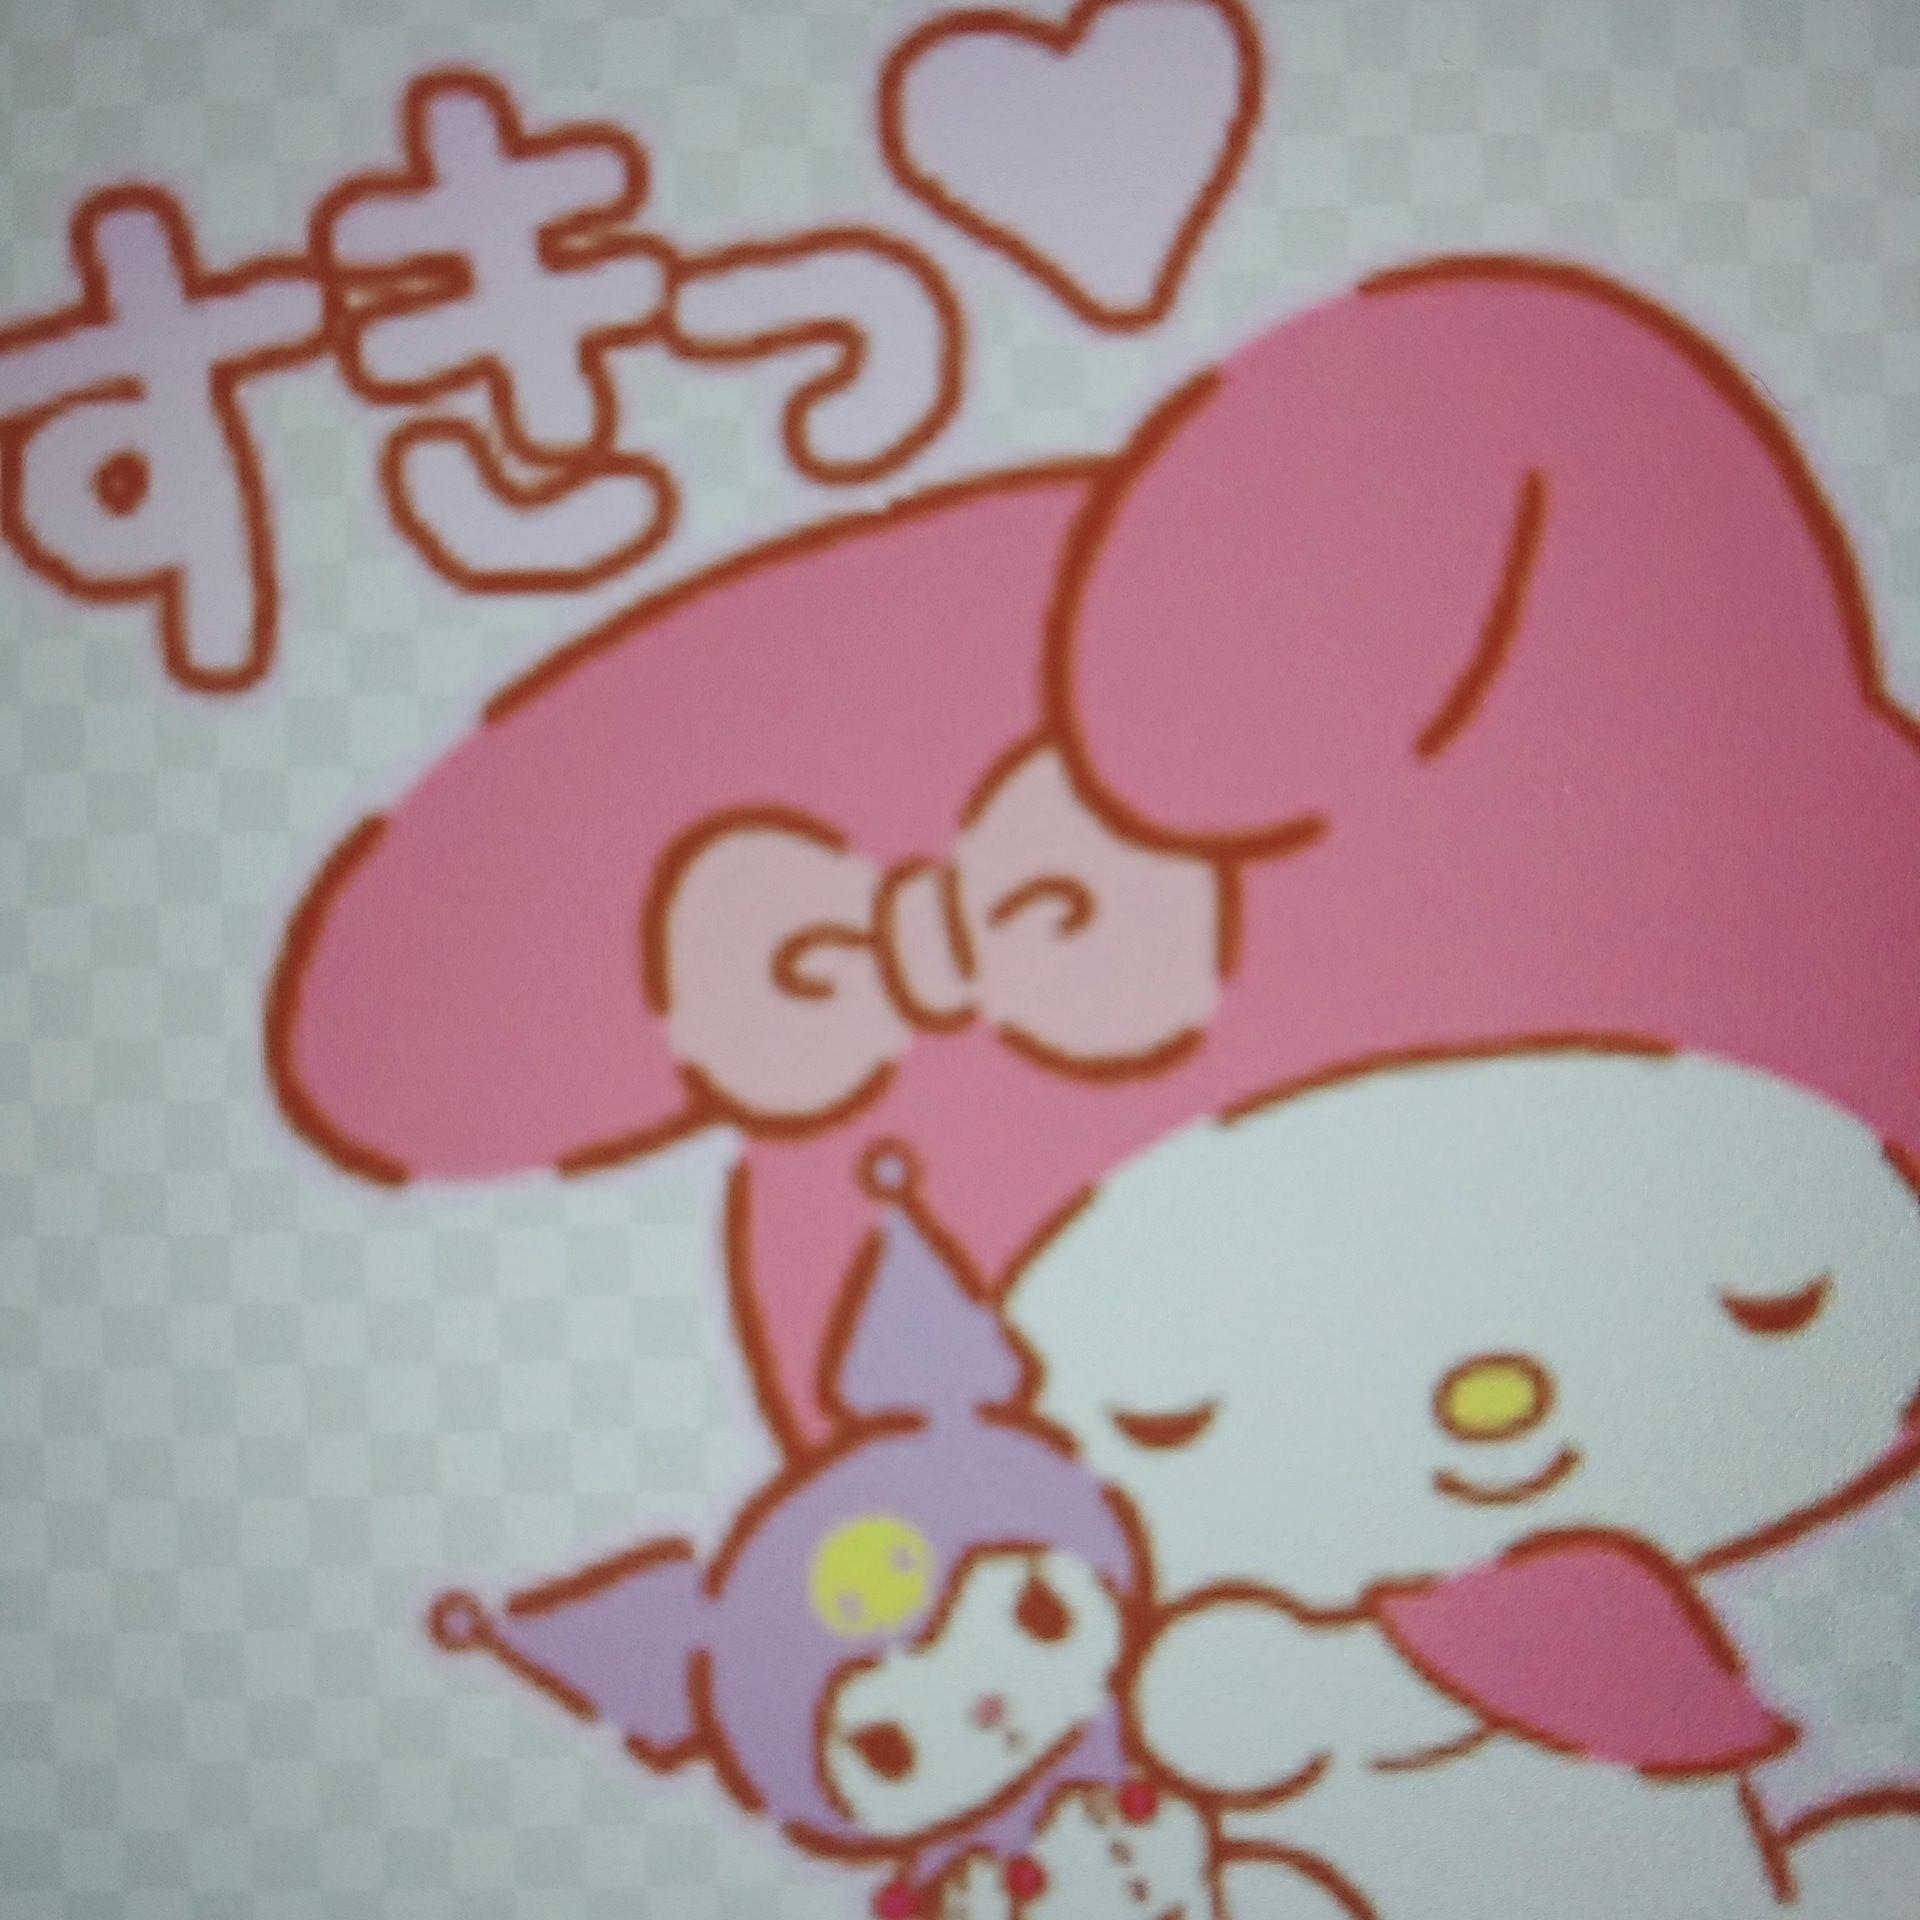 「ありがとうございました??」11/13(11/13) 19:12   椿の写メ・風俗動画